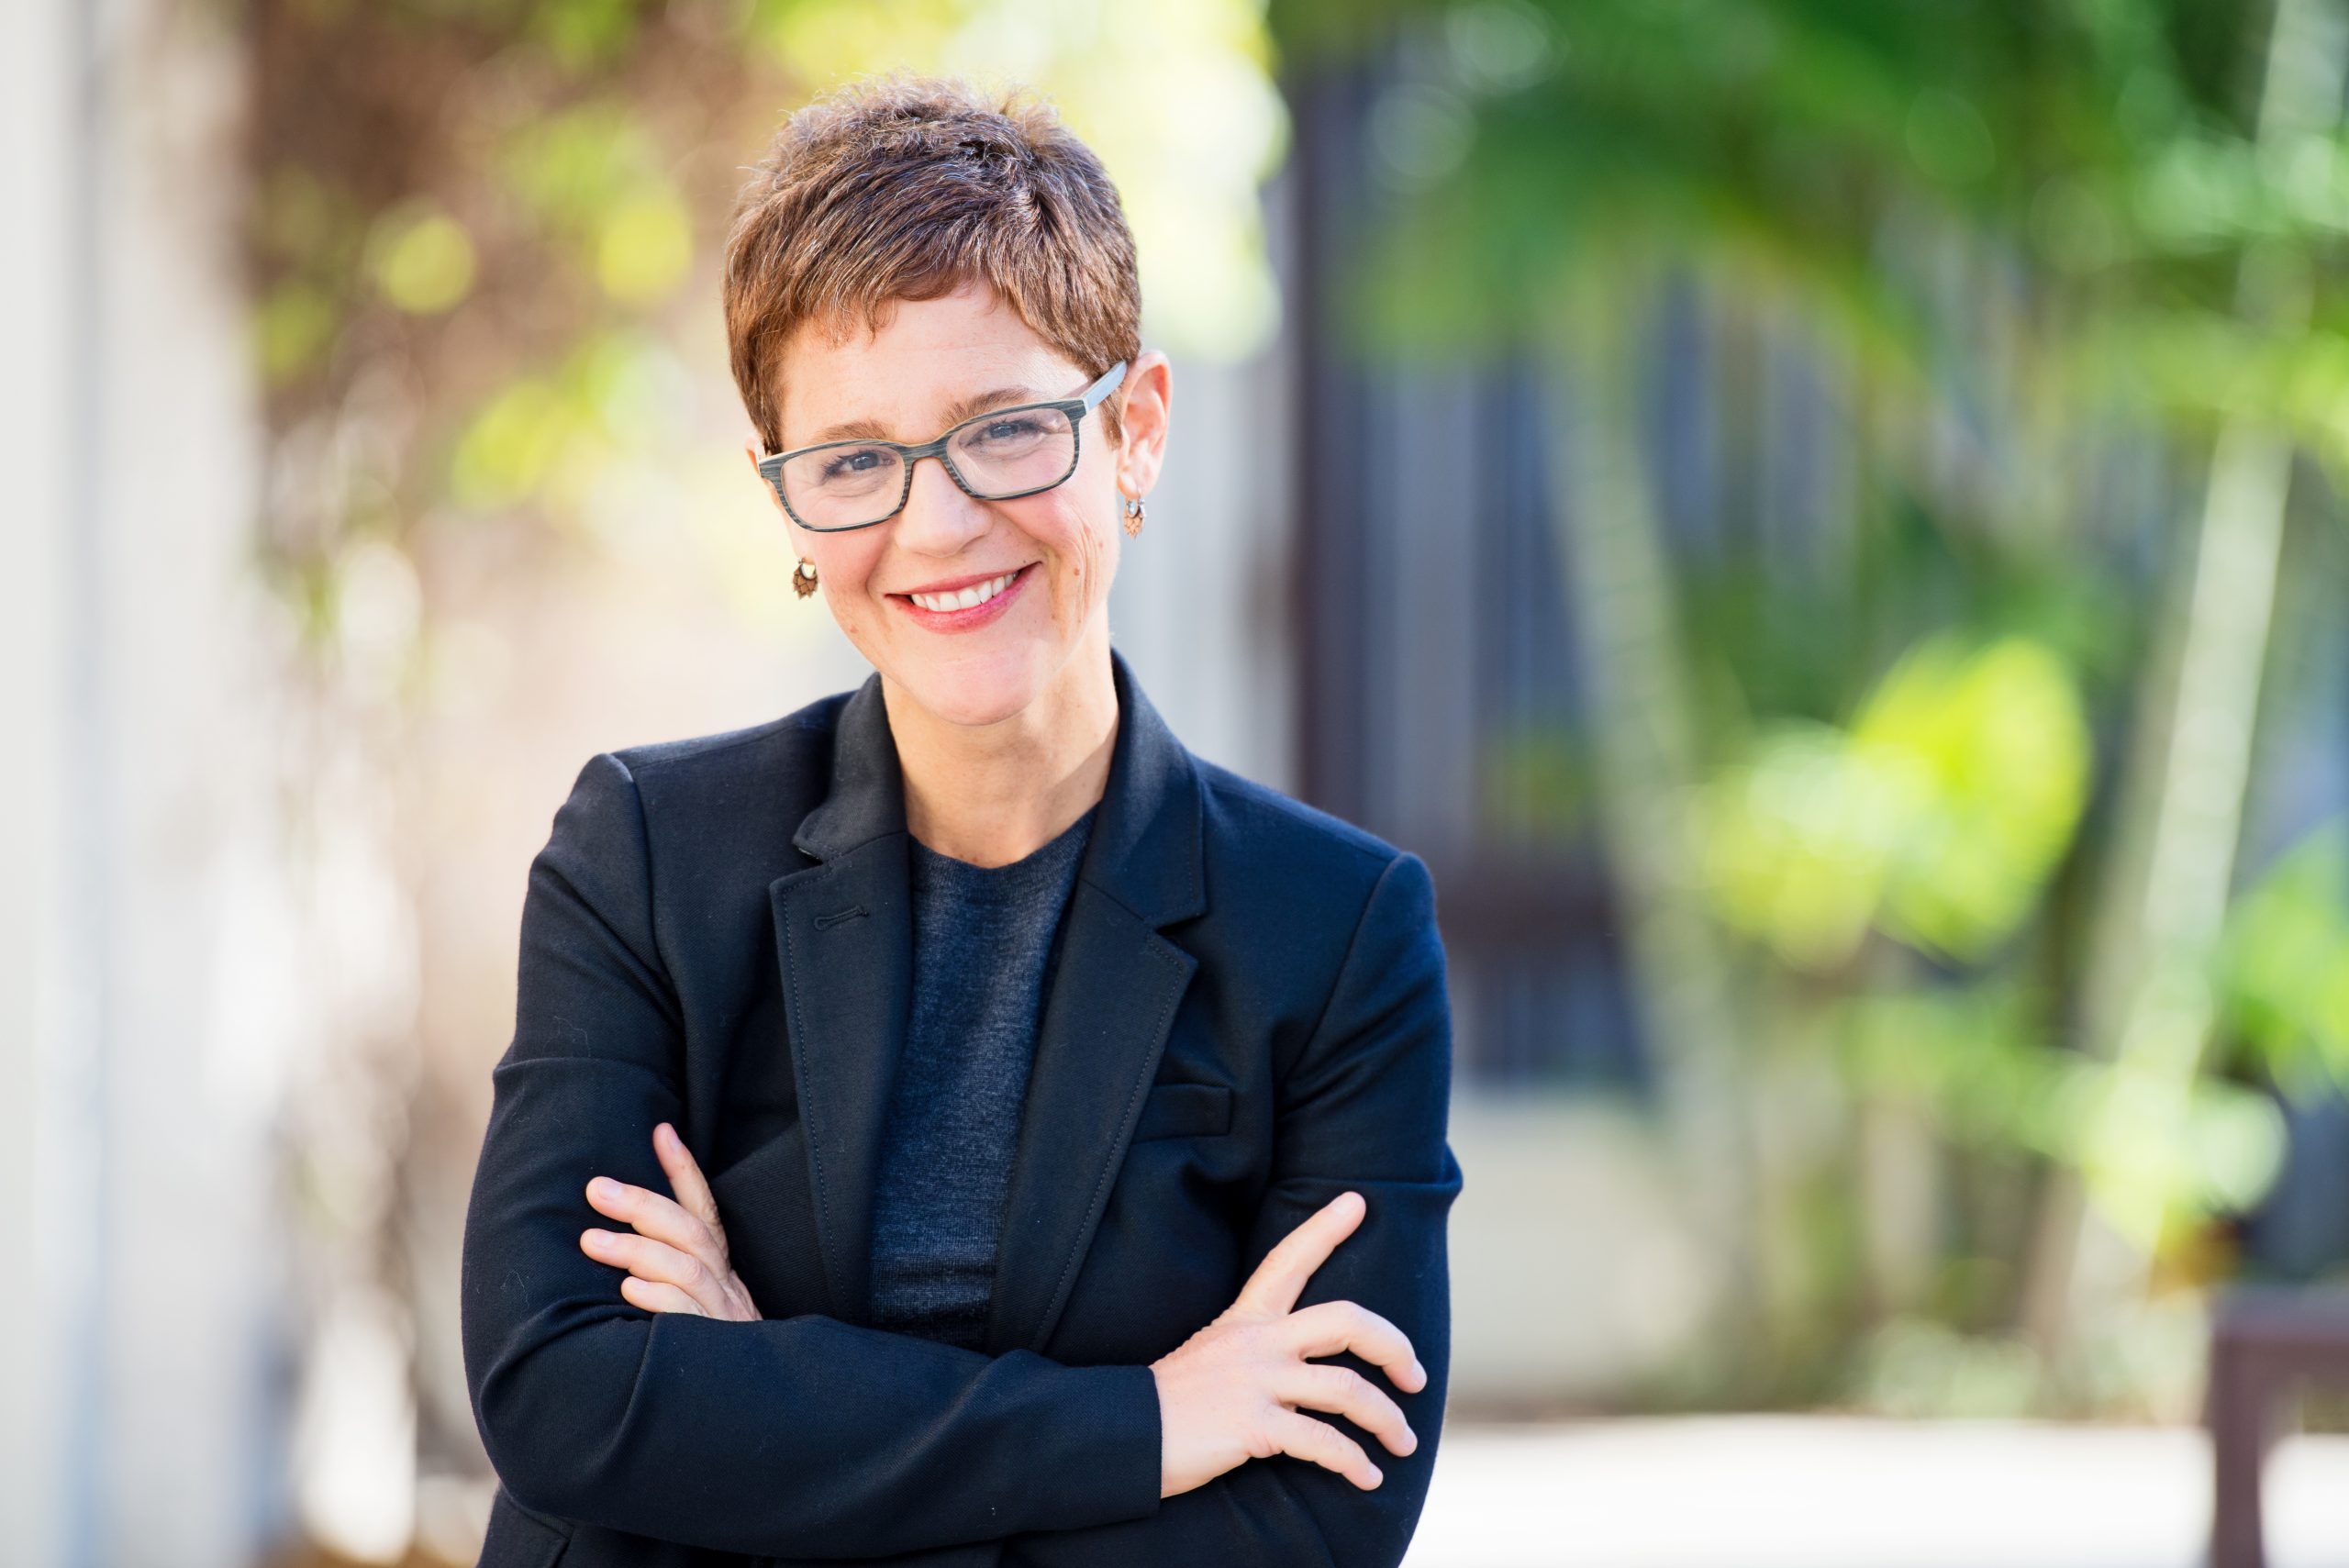 Stephanie Doscher